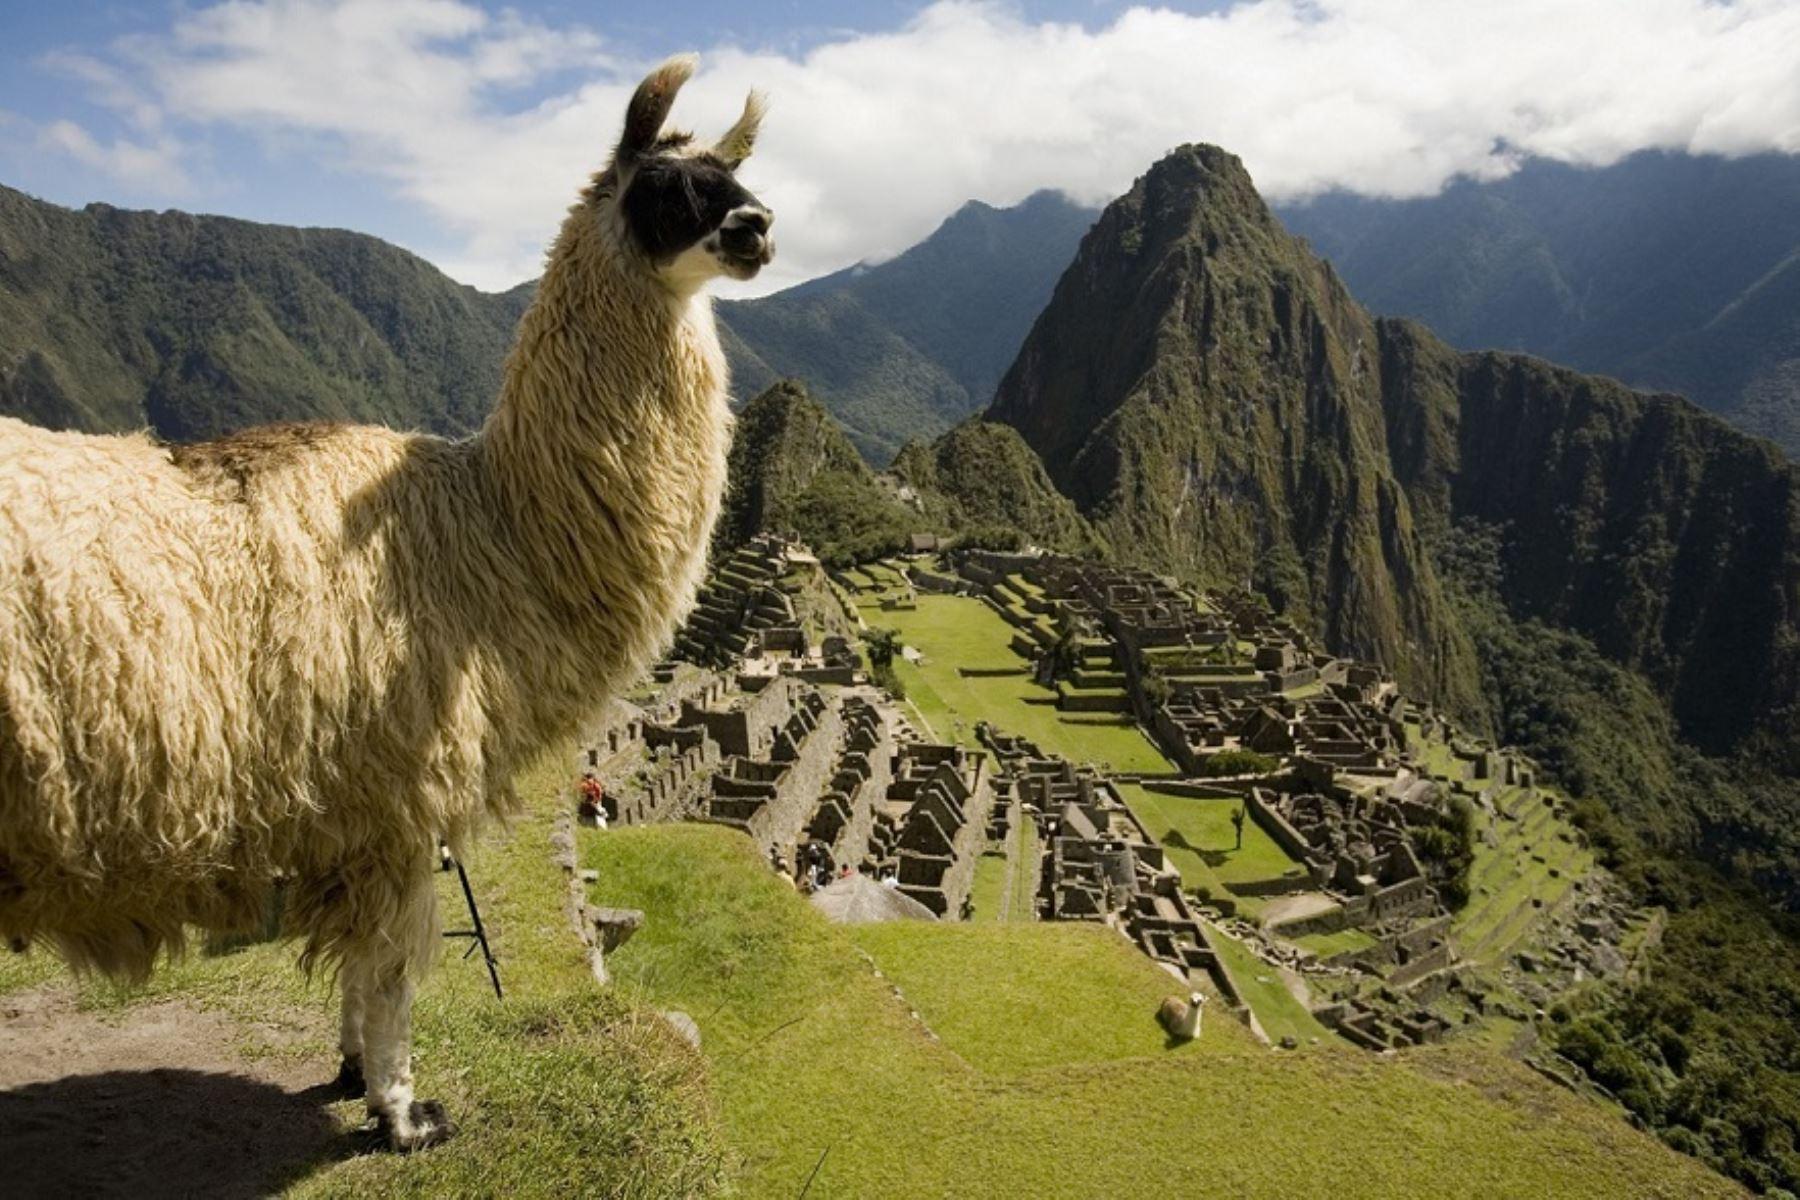 El 2020 se presenta promisorio para Machu Picchu y así lo reconoce la prestigiosa revista Forbes que incluyó a la ciudadela inca en una selecta lista de 20 destinos perfectos del mundo para viajar y conocer este año. ANDINA/Difusión